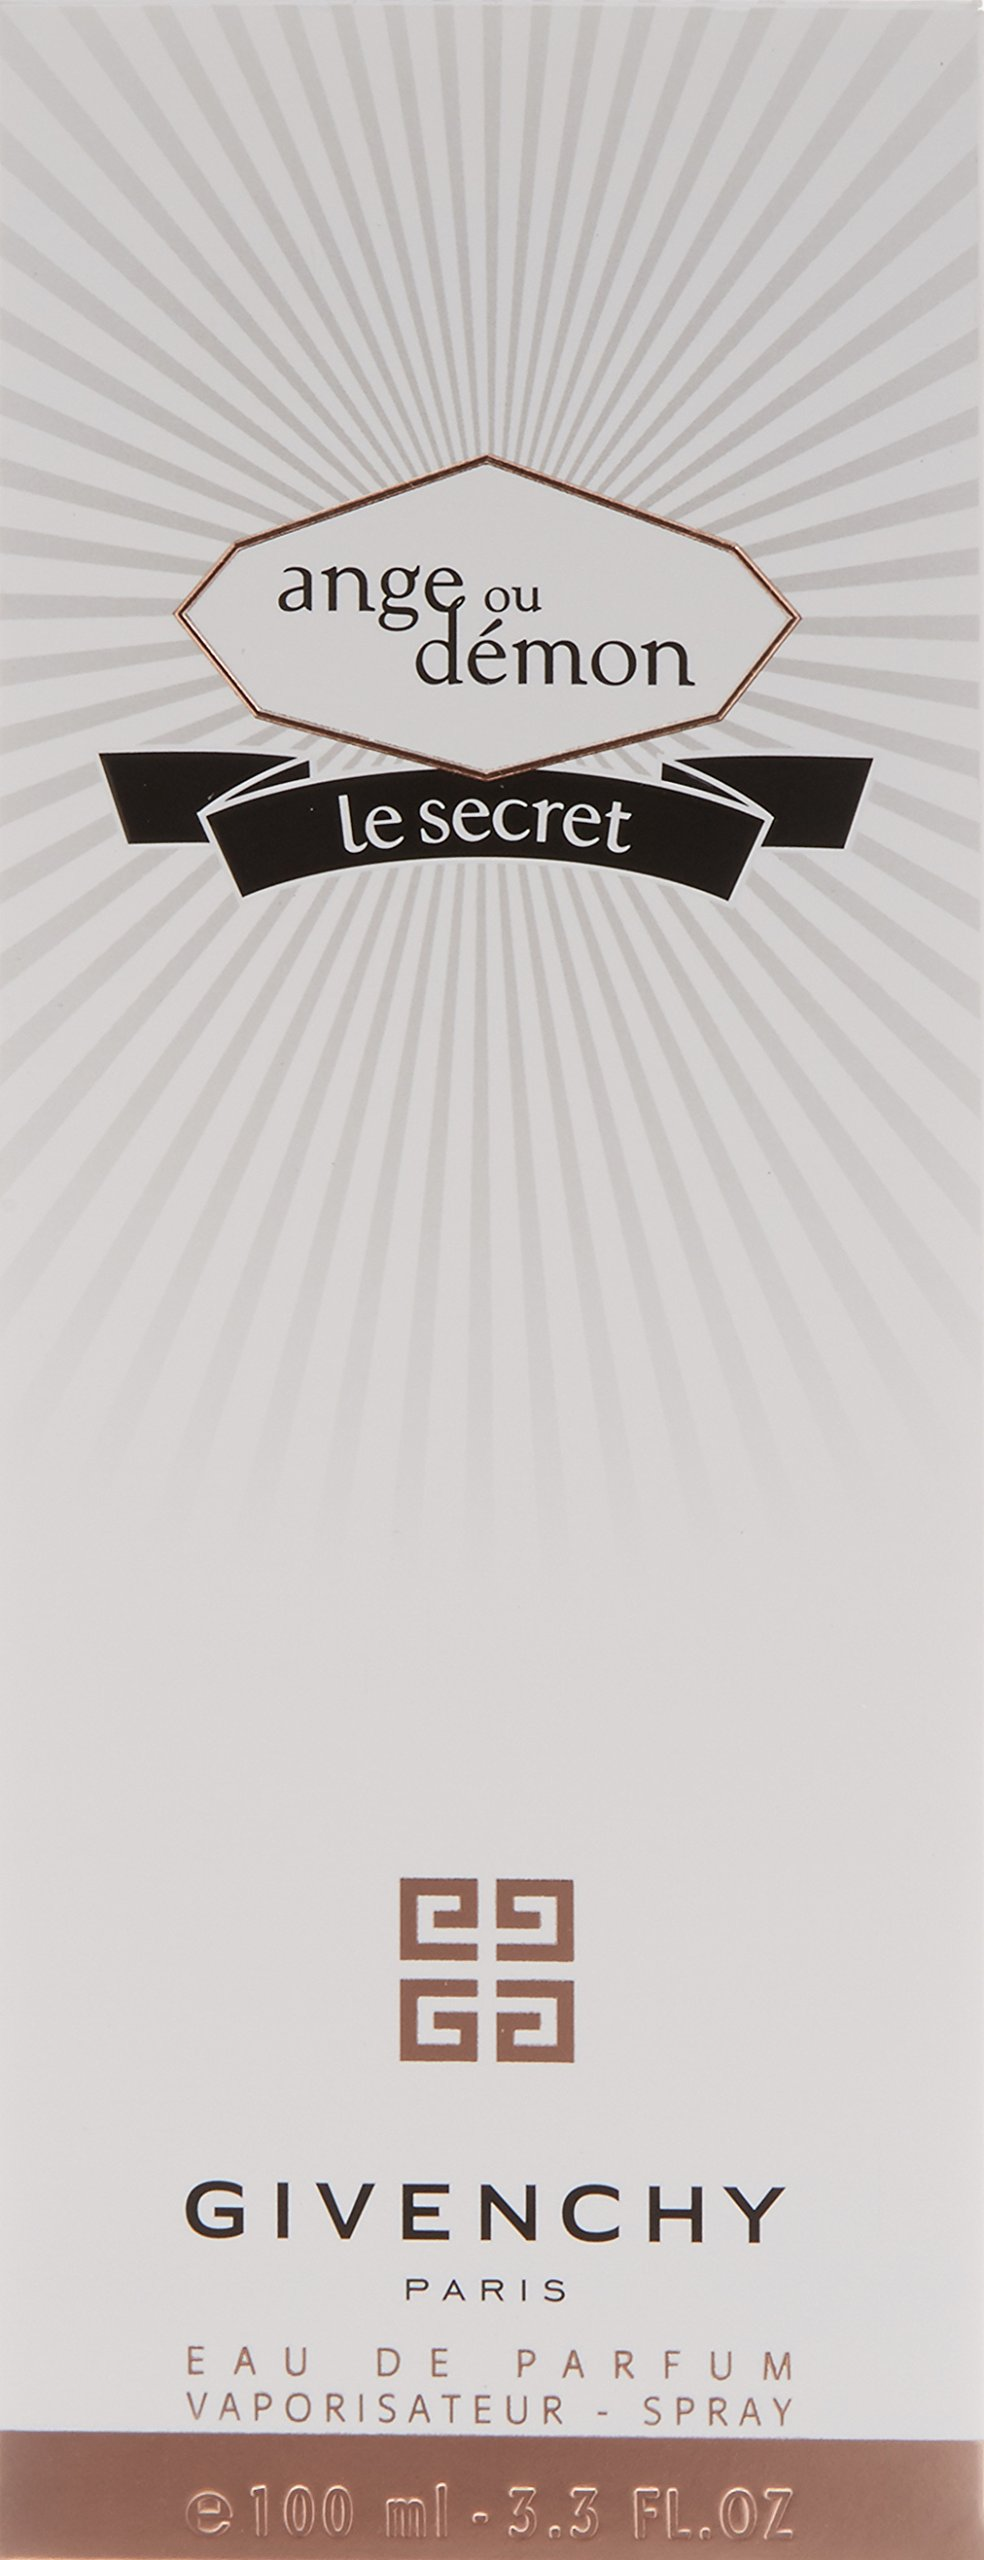 Ange Ou Demon Le Secret By Givenchy For Women Eau De Parfum Spray 3.3 Oz